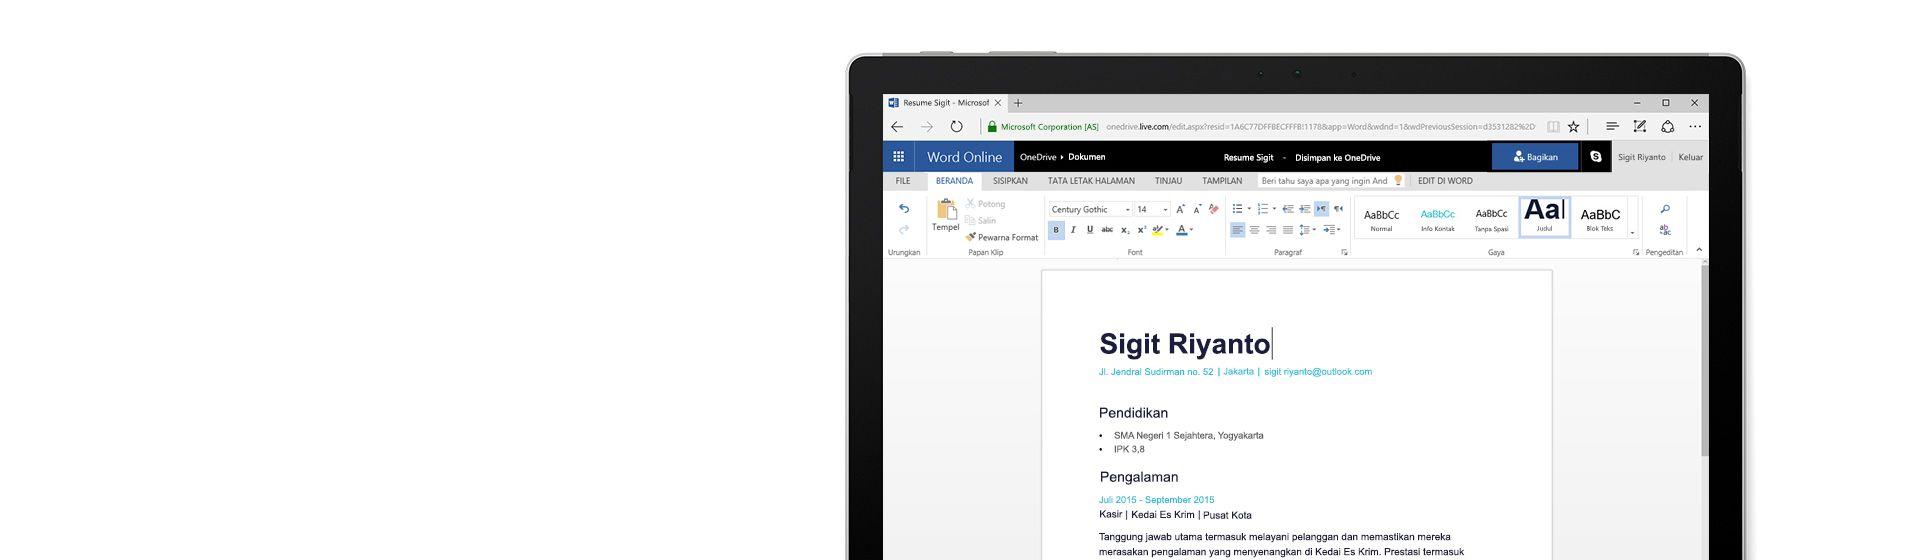 Layar komputer memperlihatkan resume yang sedang dibuat di Word Online